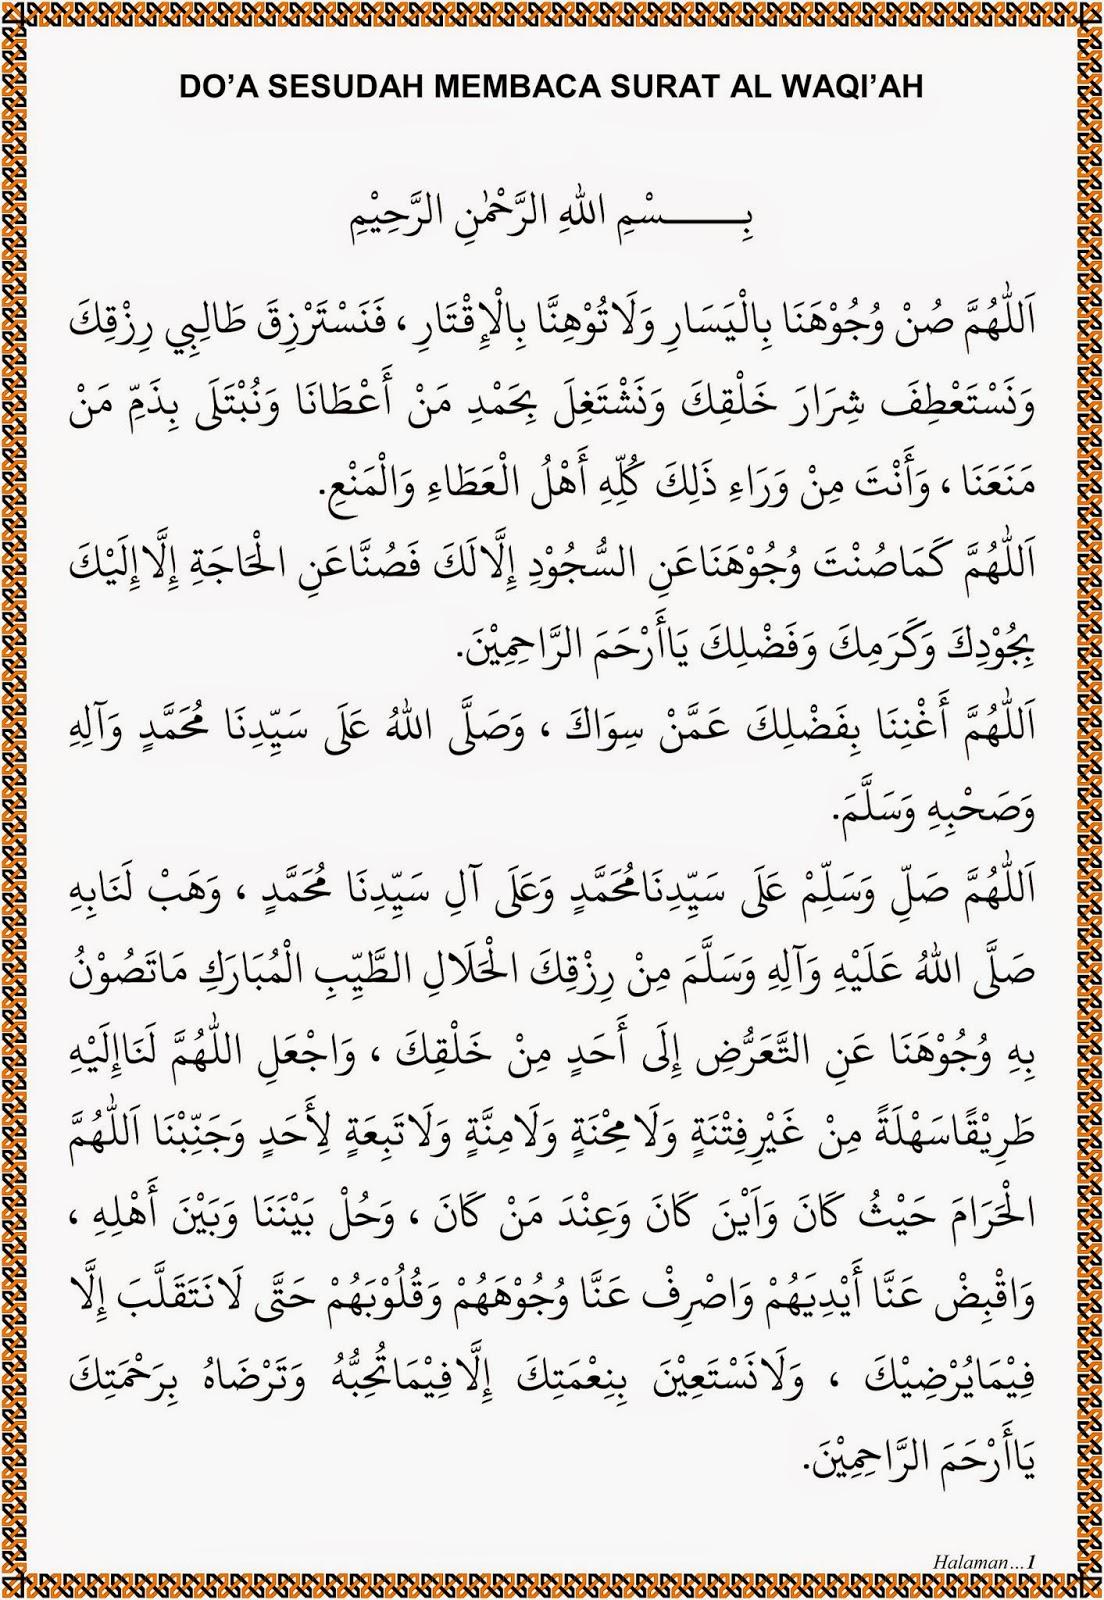 Doa Surat Waqiah : surat, waqiah, Sesudah, Membaca, Surat, Al-Waqi'ah, Majelis, Ta'lim, Almunawwarah